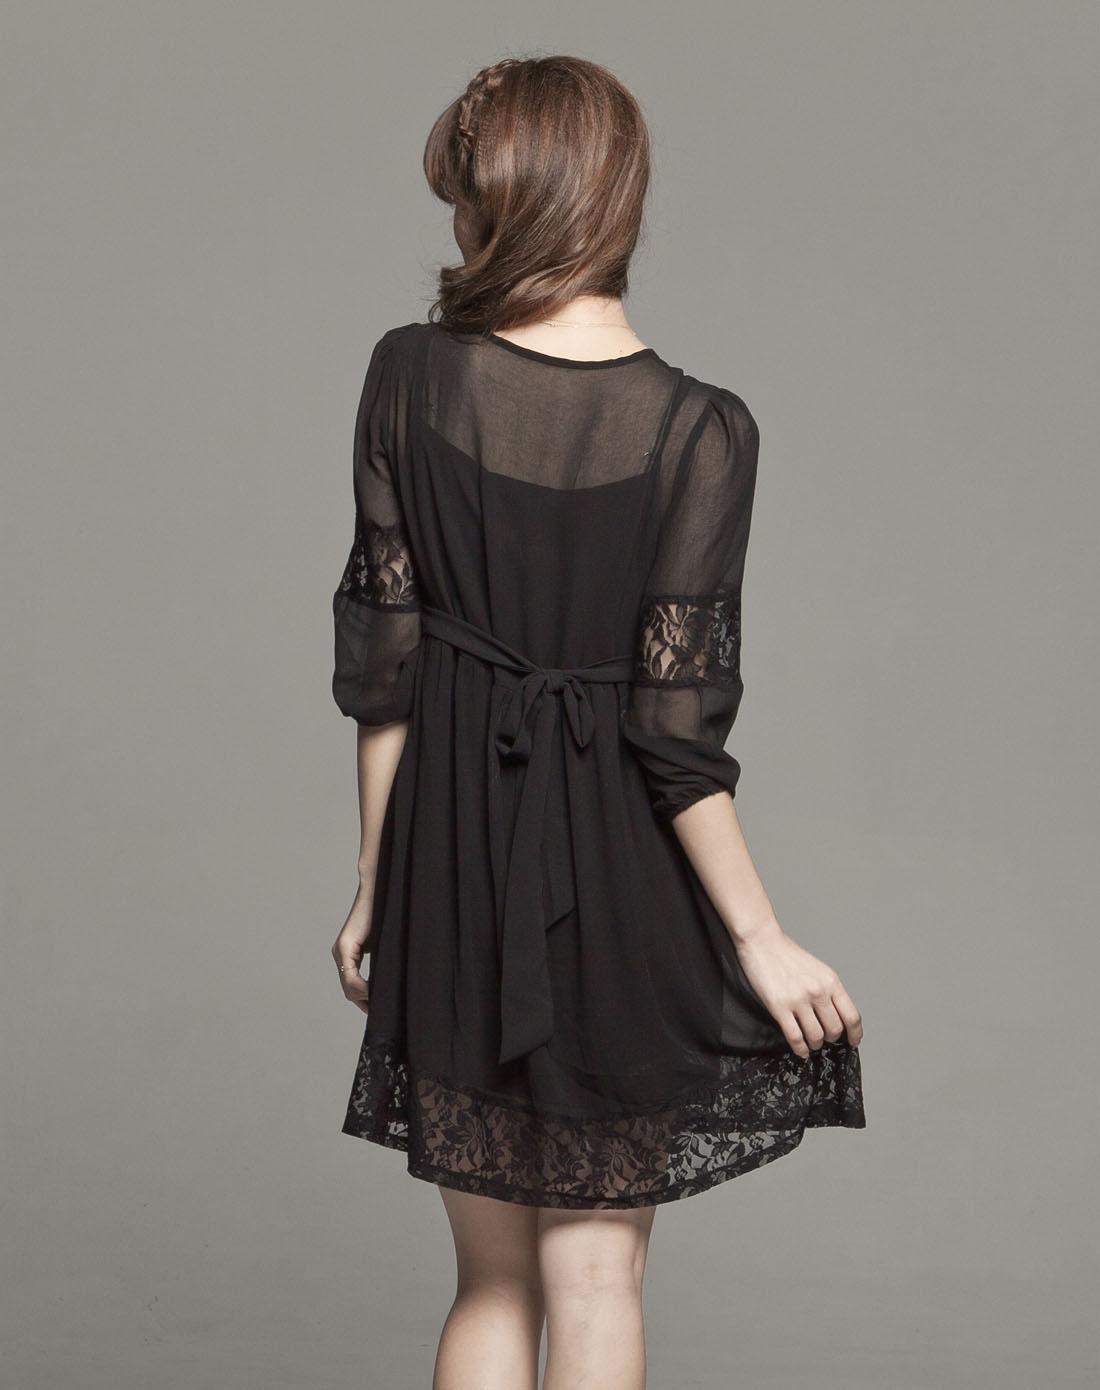 黑色蕾丝雪纺七分袖连身裙图片